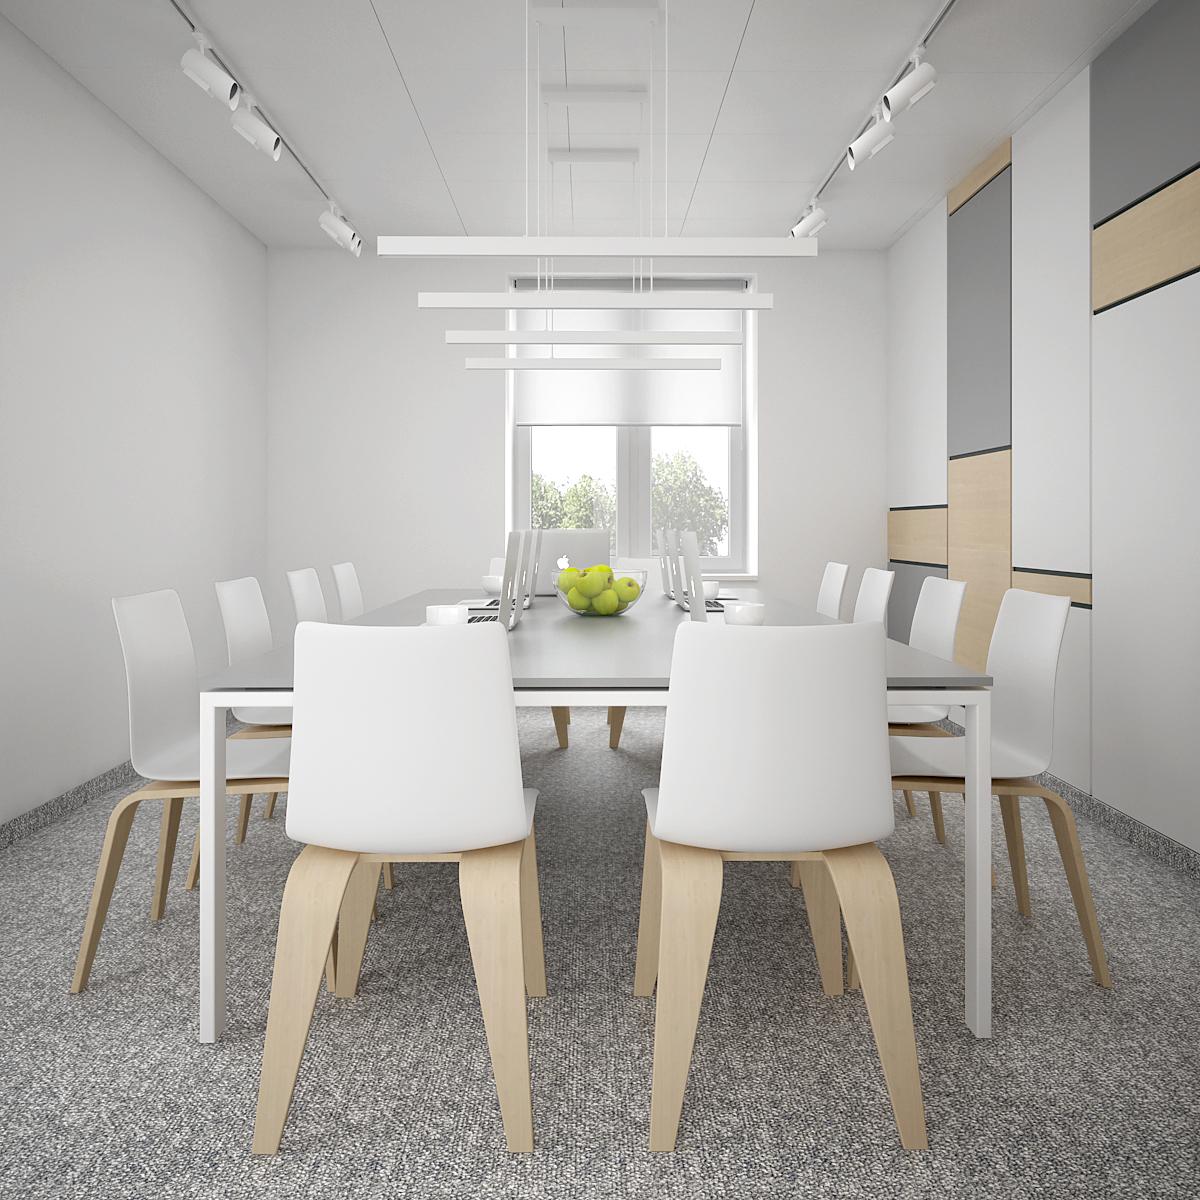 4 aranzacja biura B128 biuro krakow sala konferencyjna nowoczesne krzesla duzy stol konferencyjny oswietlenie na szynach panale na scianie